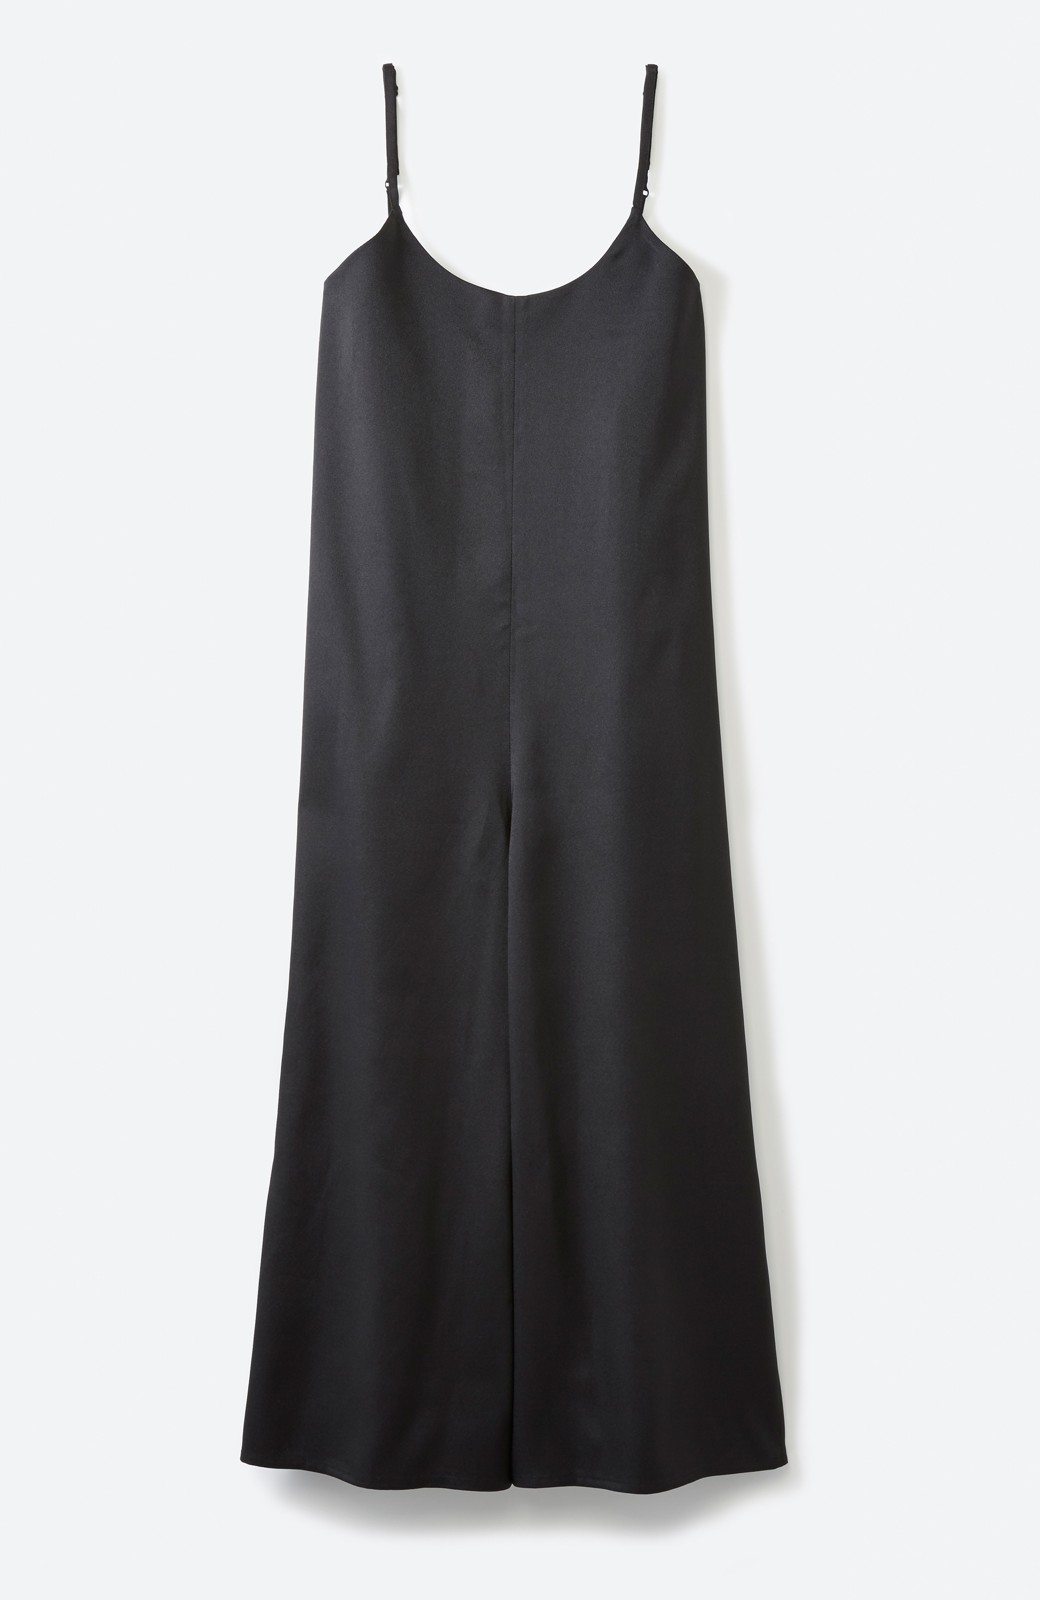 haco! 【スタッフスペシャルセット】ギリギリ女子ミオの夏のコーデに便利!手持ちのTシャツといけるんちゃうかセット  <その他>の商品写真7